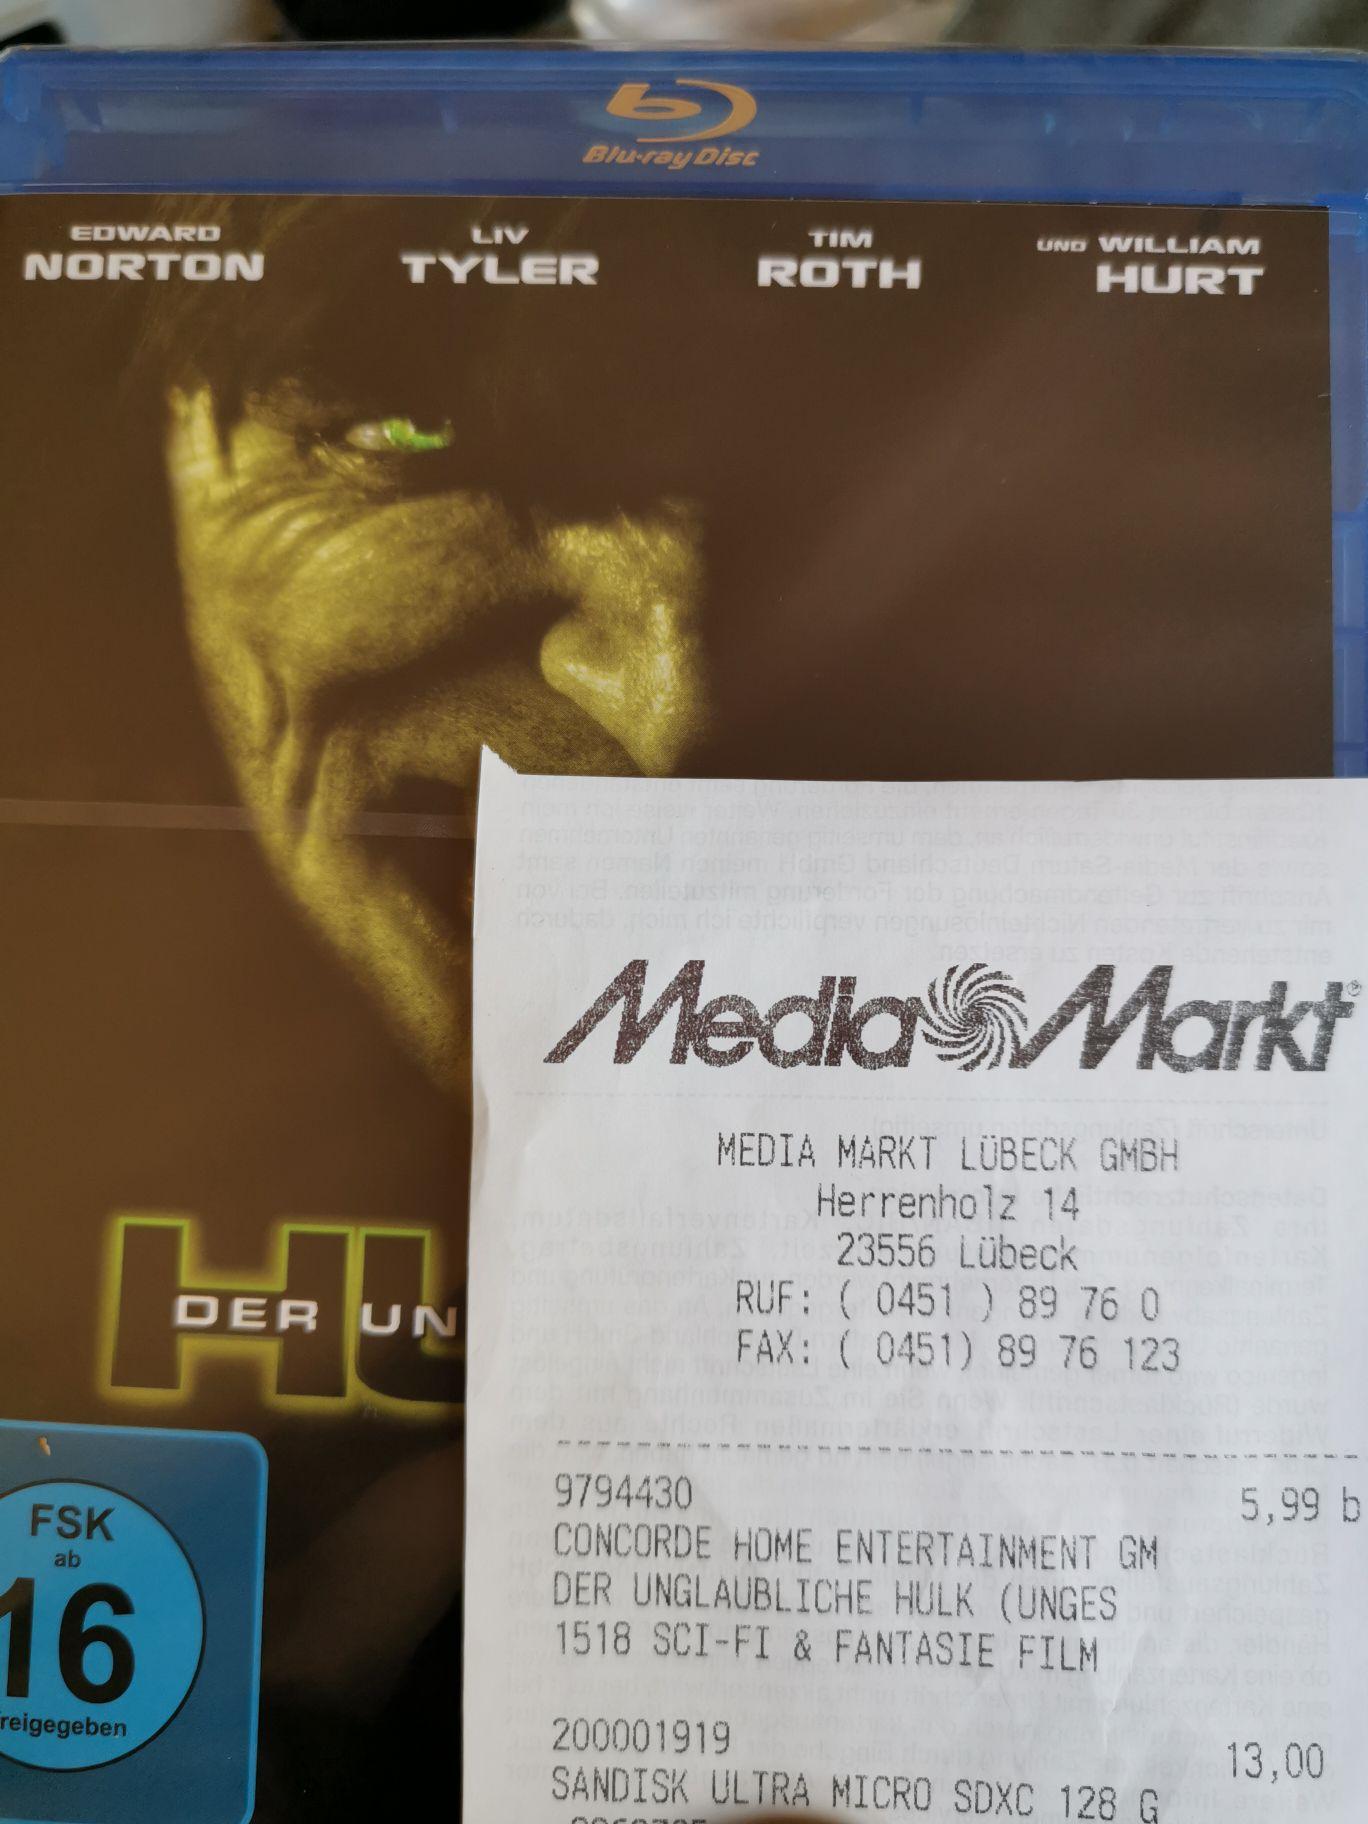 [Media Markt Lokal] Marvel Der unglaubliche Hulk uncut Blu Ray